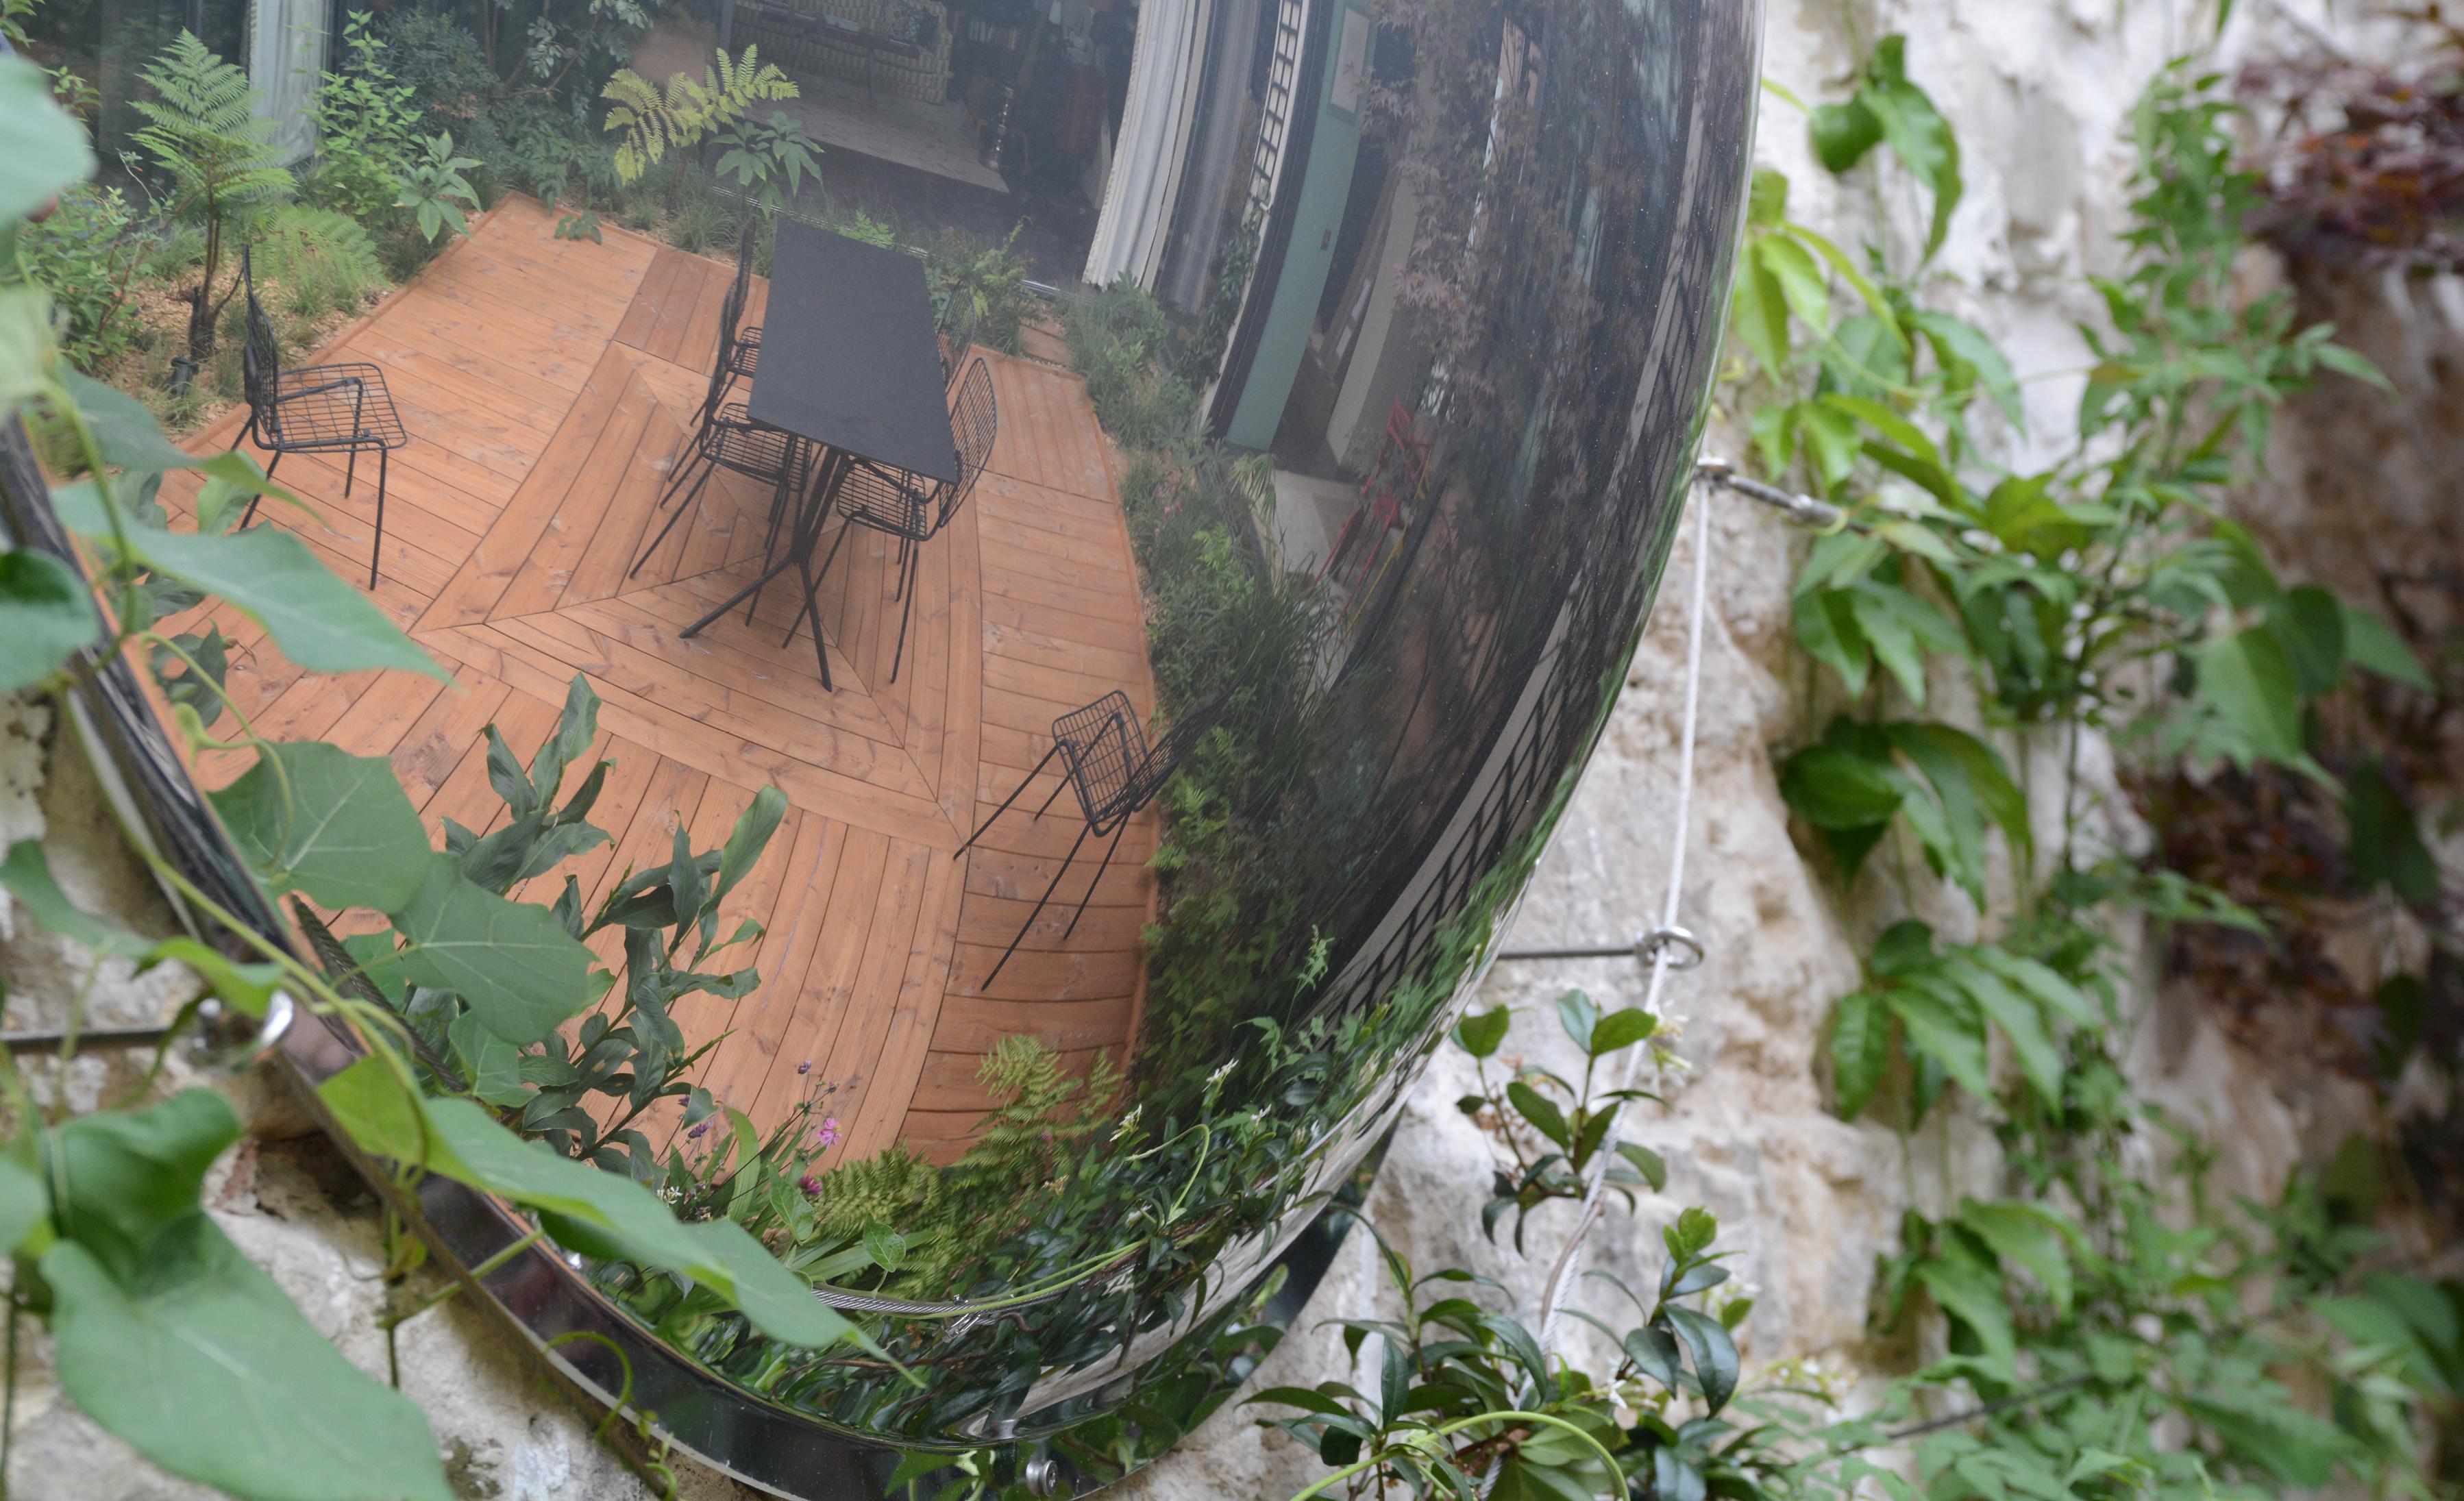 paysagiste paris 17 id e inspirante pour la conception de la maison. Black Bedroom Furniture Sets. Home Design Ideas